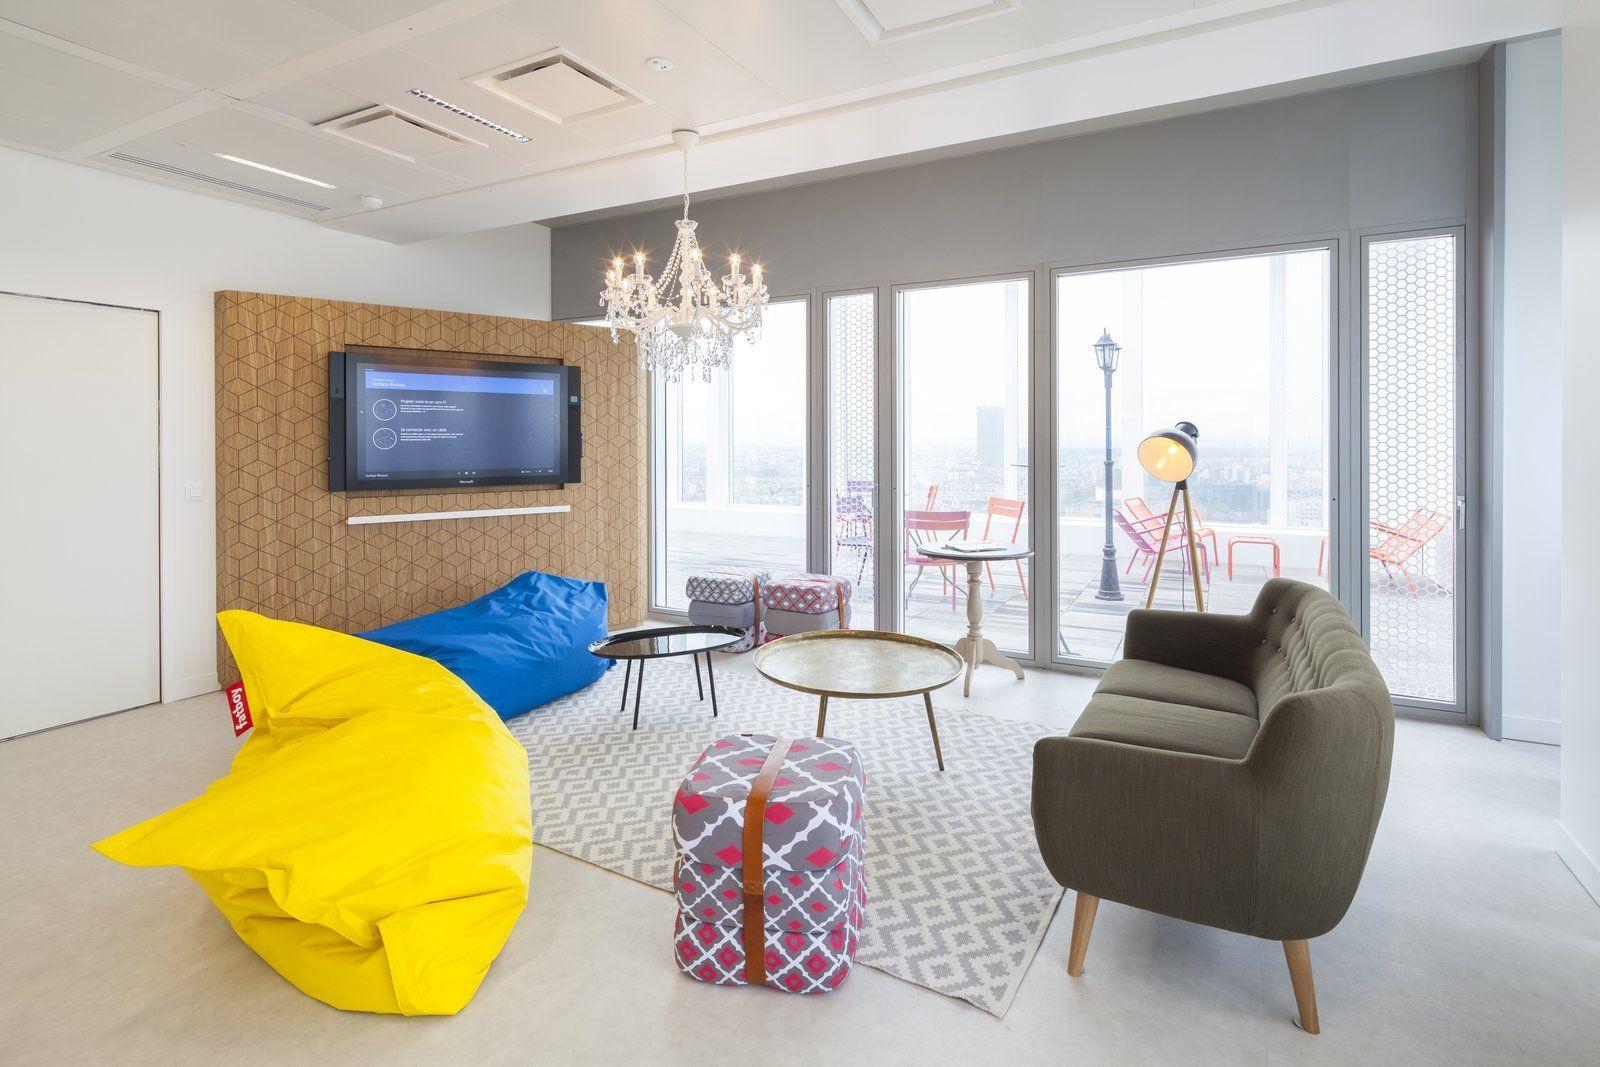 Office tour l oréal offices u paris creative work spaces